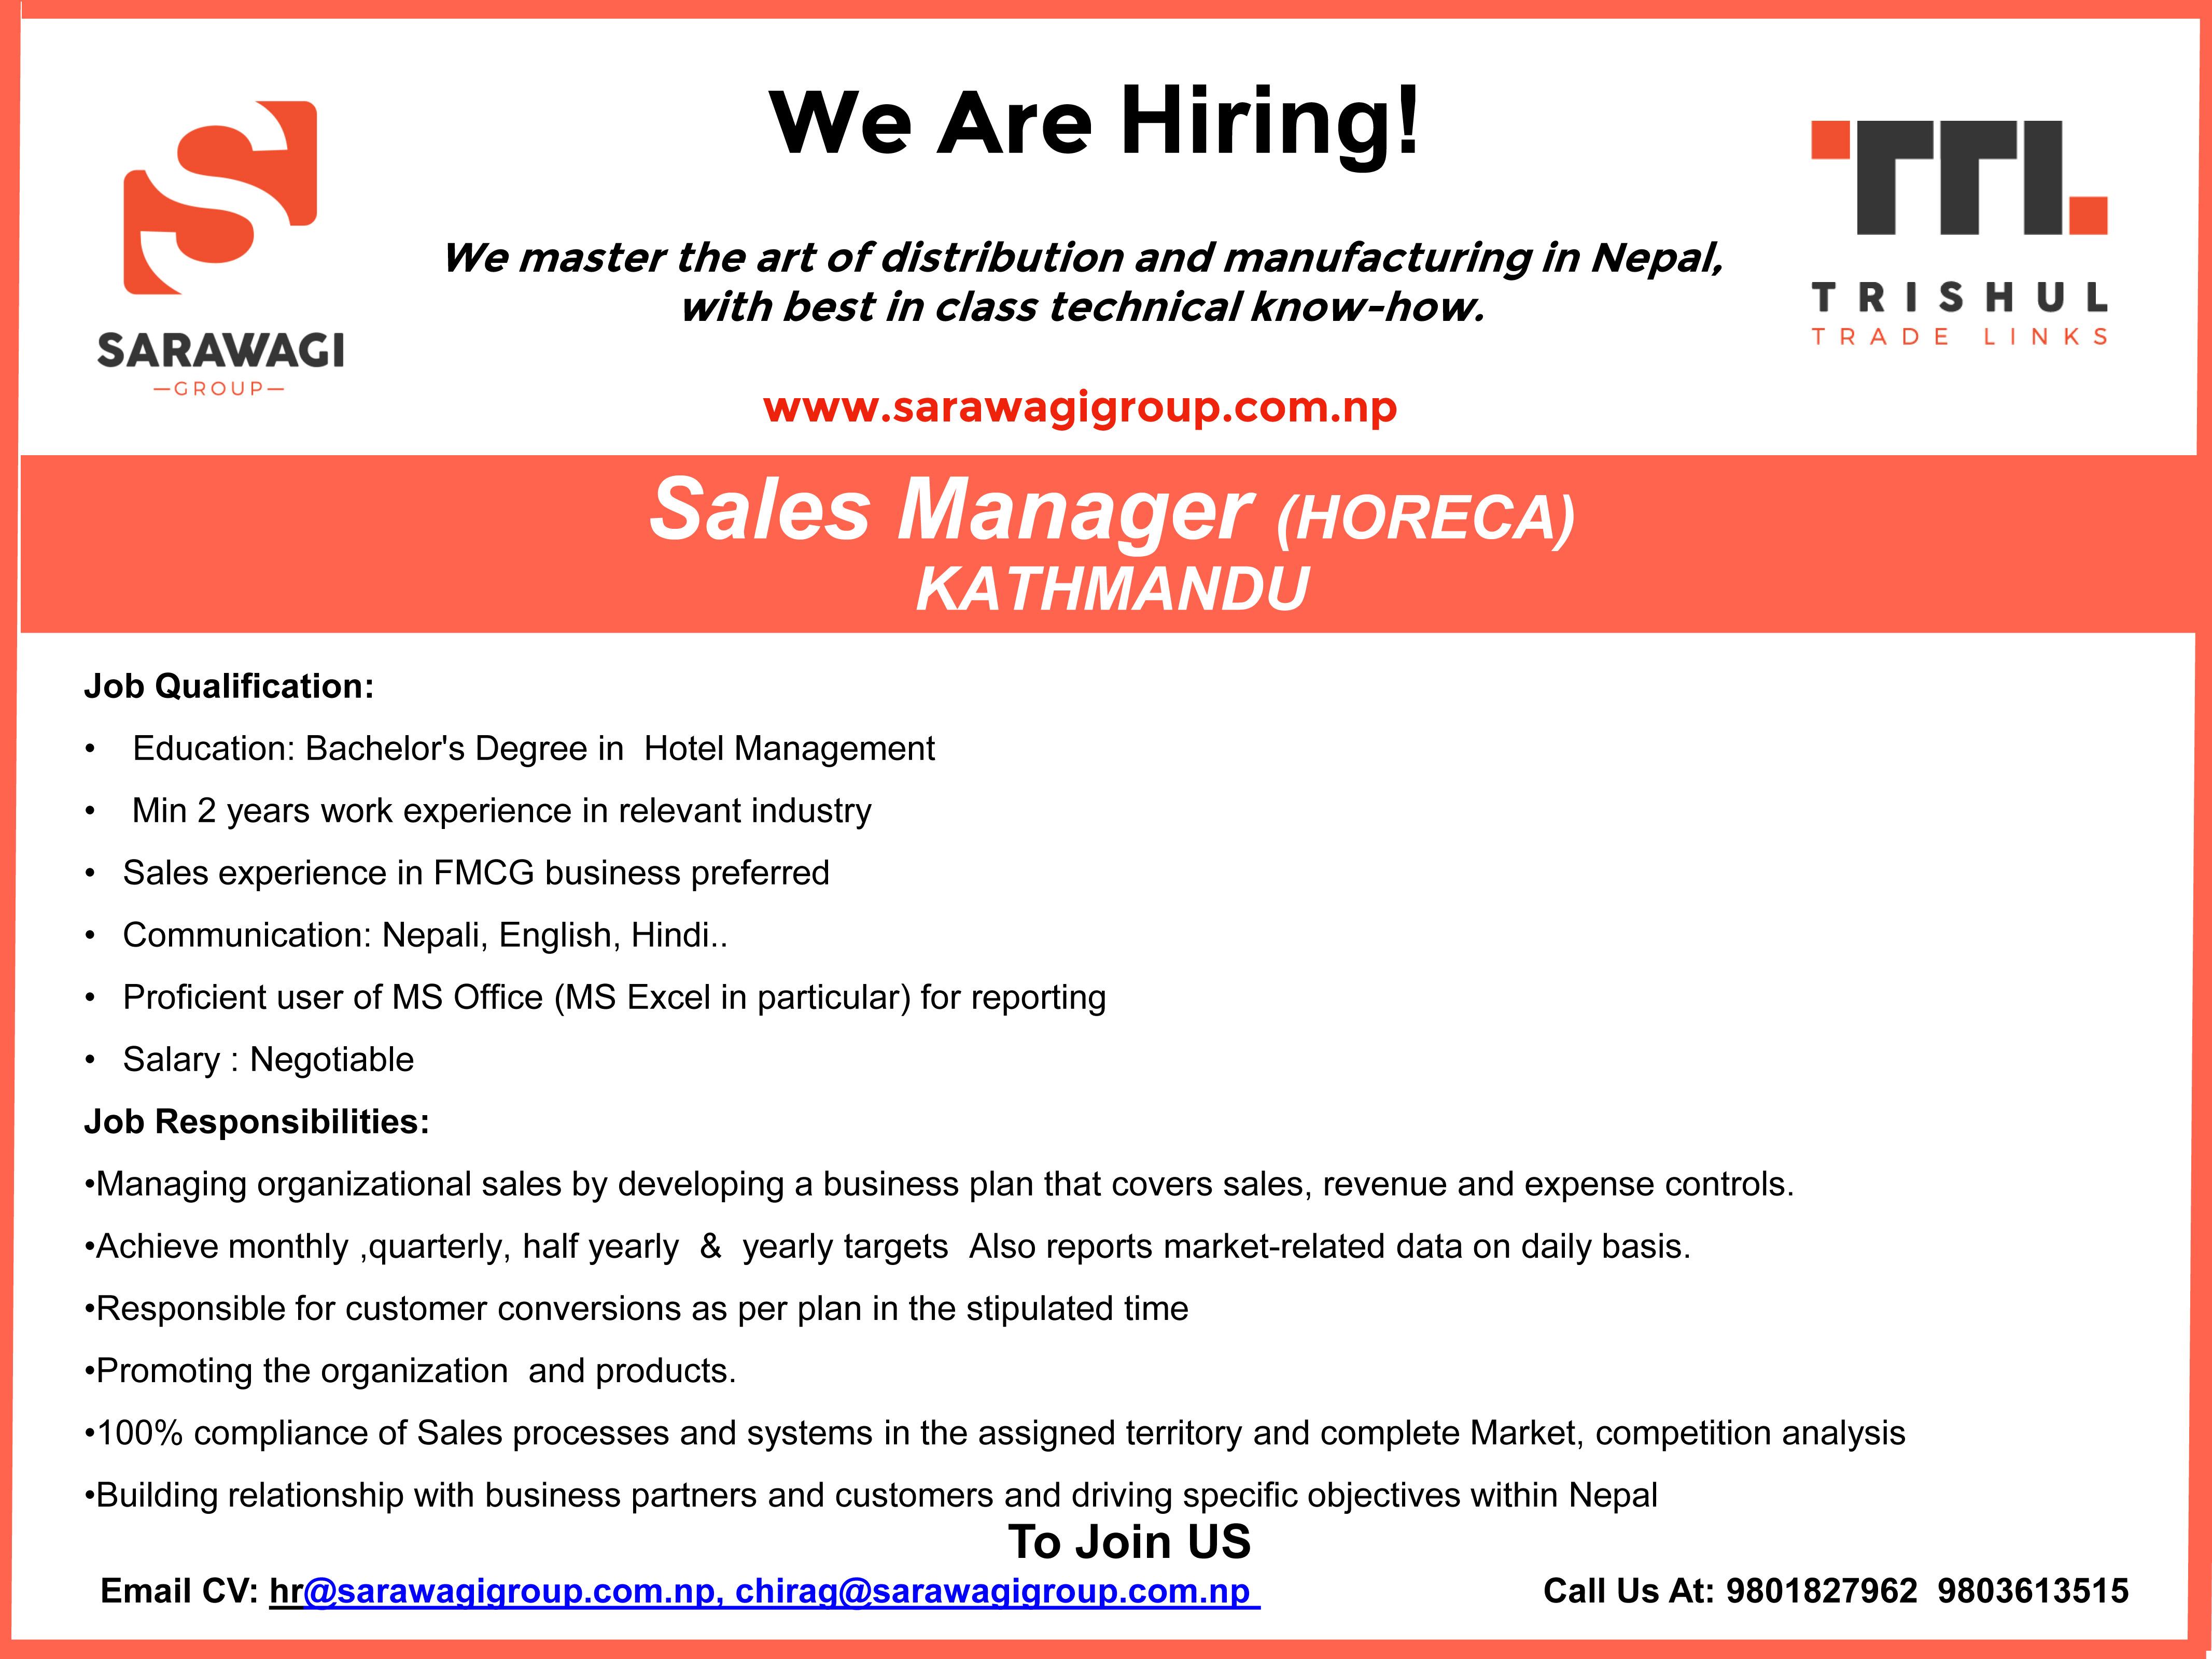 Sales Manager (HORECA) Image